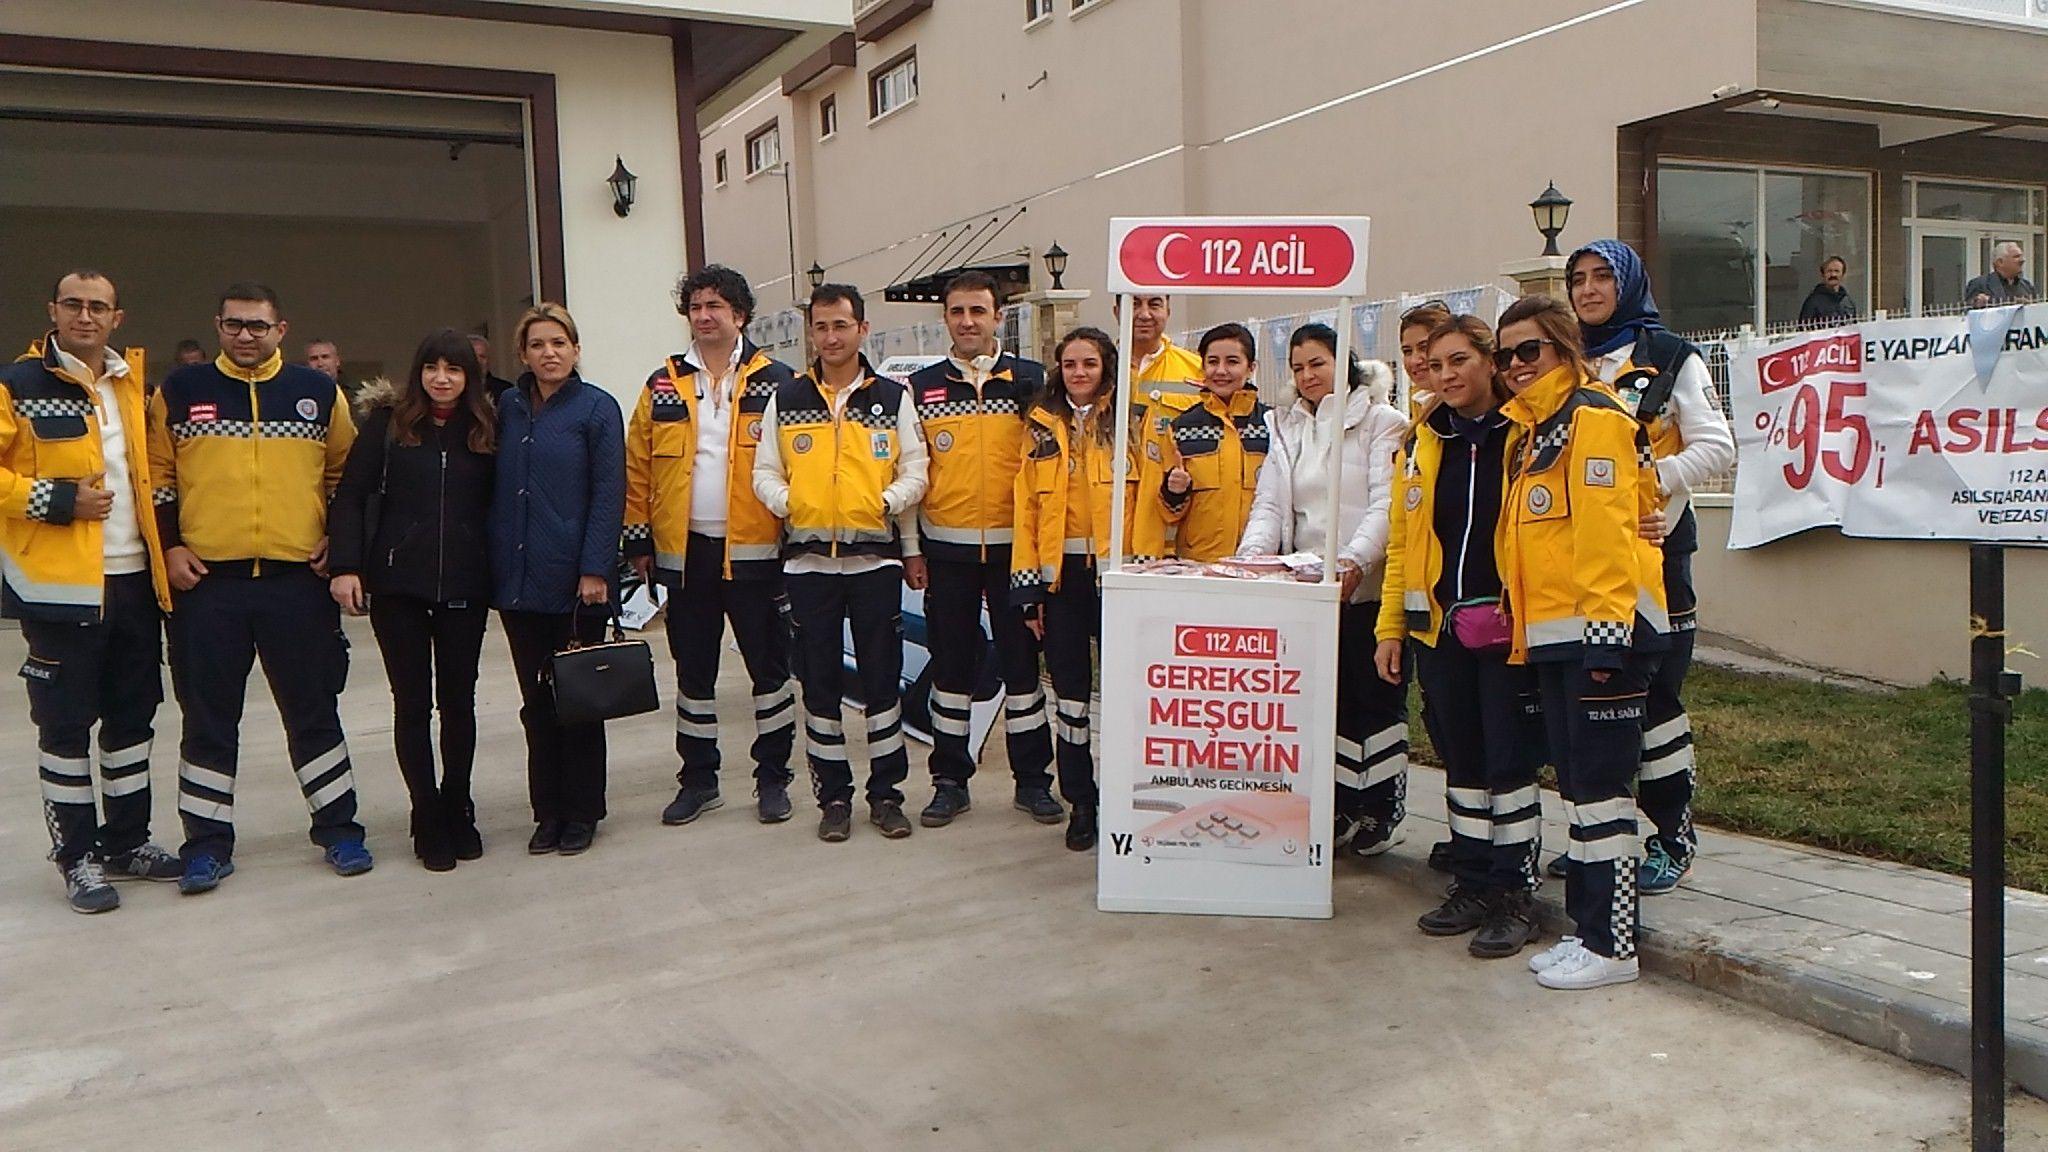 Altındağ Belediyesi 112 Acil Sağlık Hizmet İstasyonu Açılışı